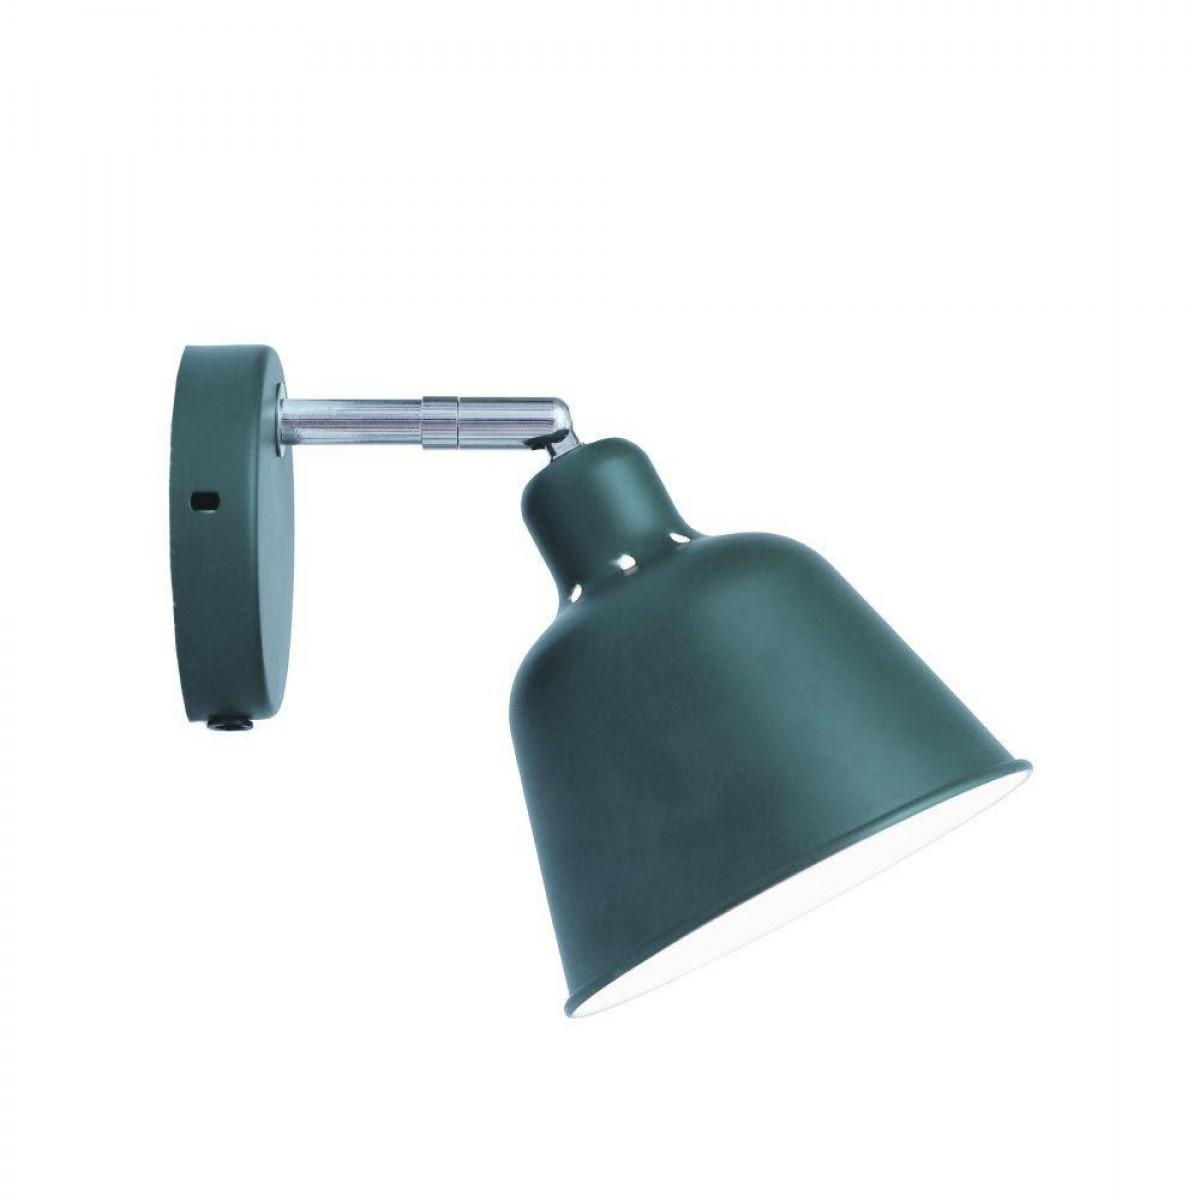 HALO DESIGN Væglampe carpenter Ø15 cm - grøn